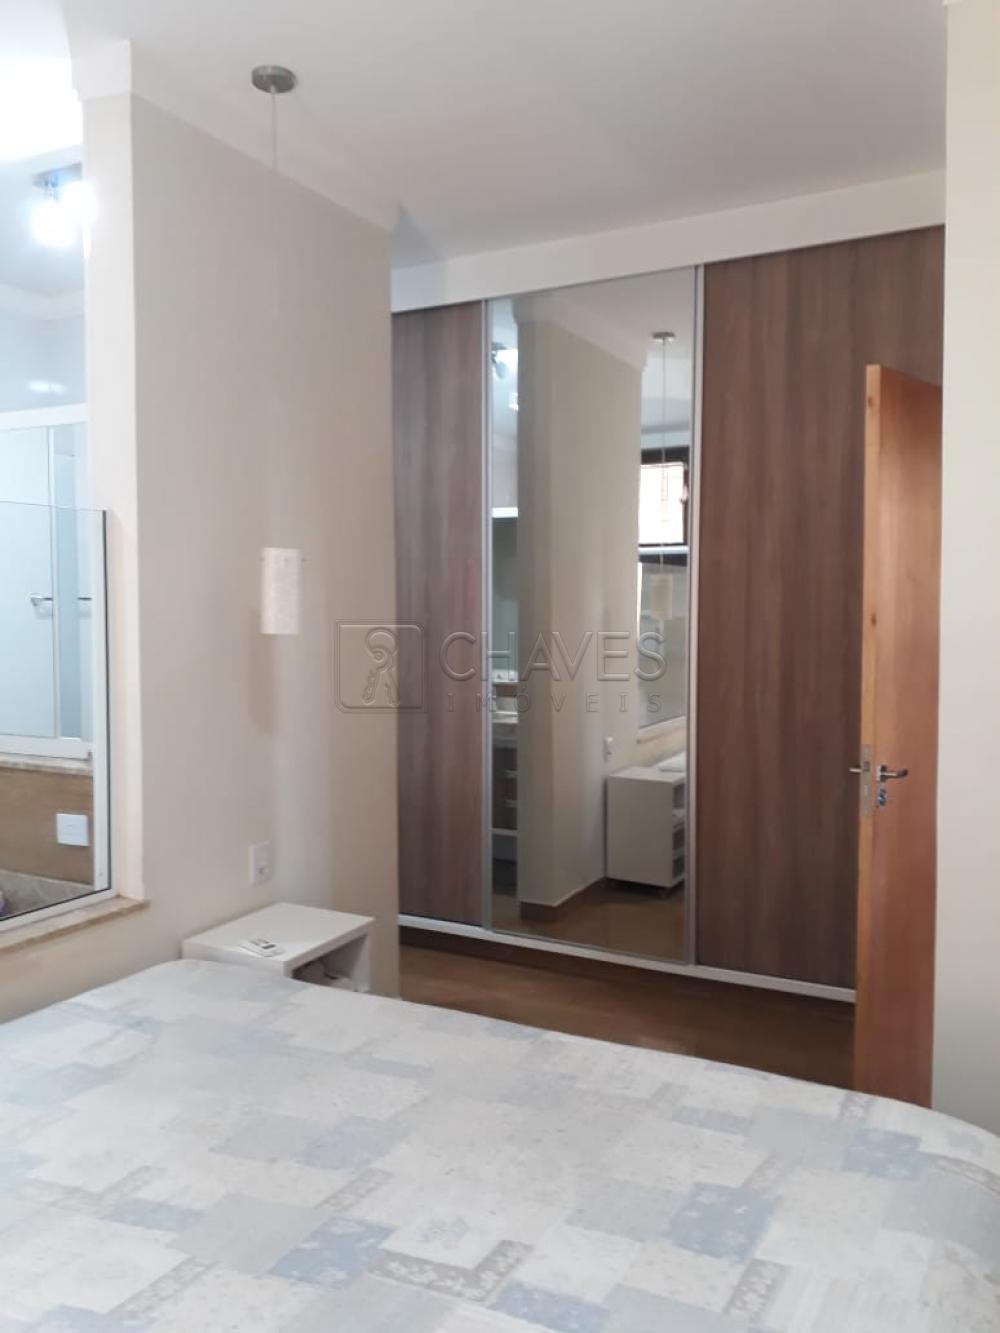 Comprar Casa / Condomínio em Ribeirão Preto apenas R$ 730.000,00 - Foto 15